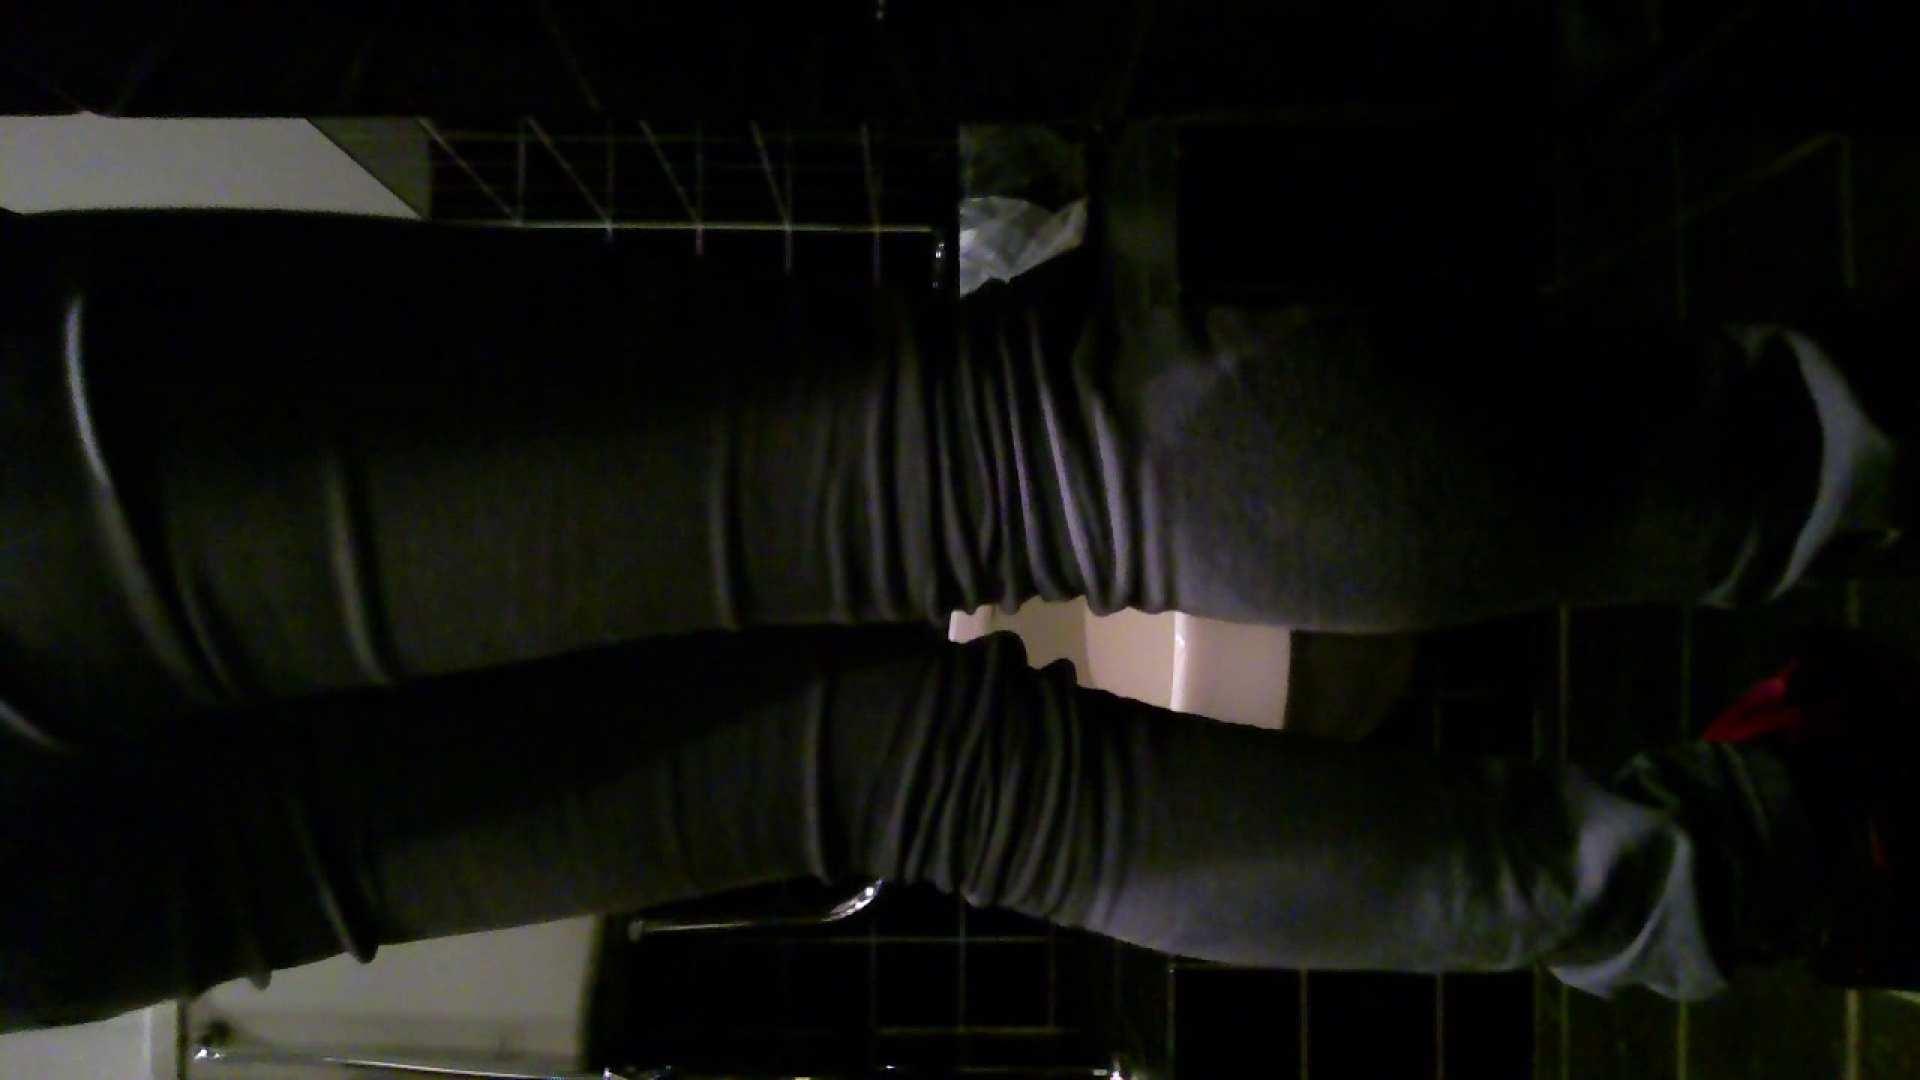 美女の集まる飲み屋洗面所 vol.02 OLエロ画像 隠し撮りAV無料 99PICs 77